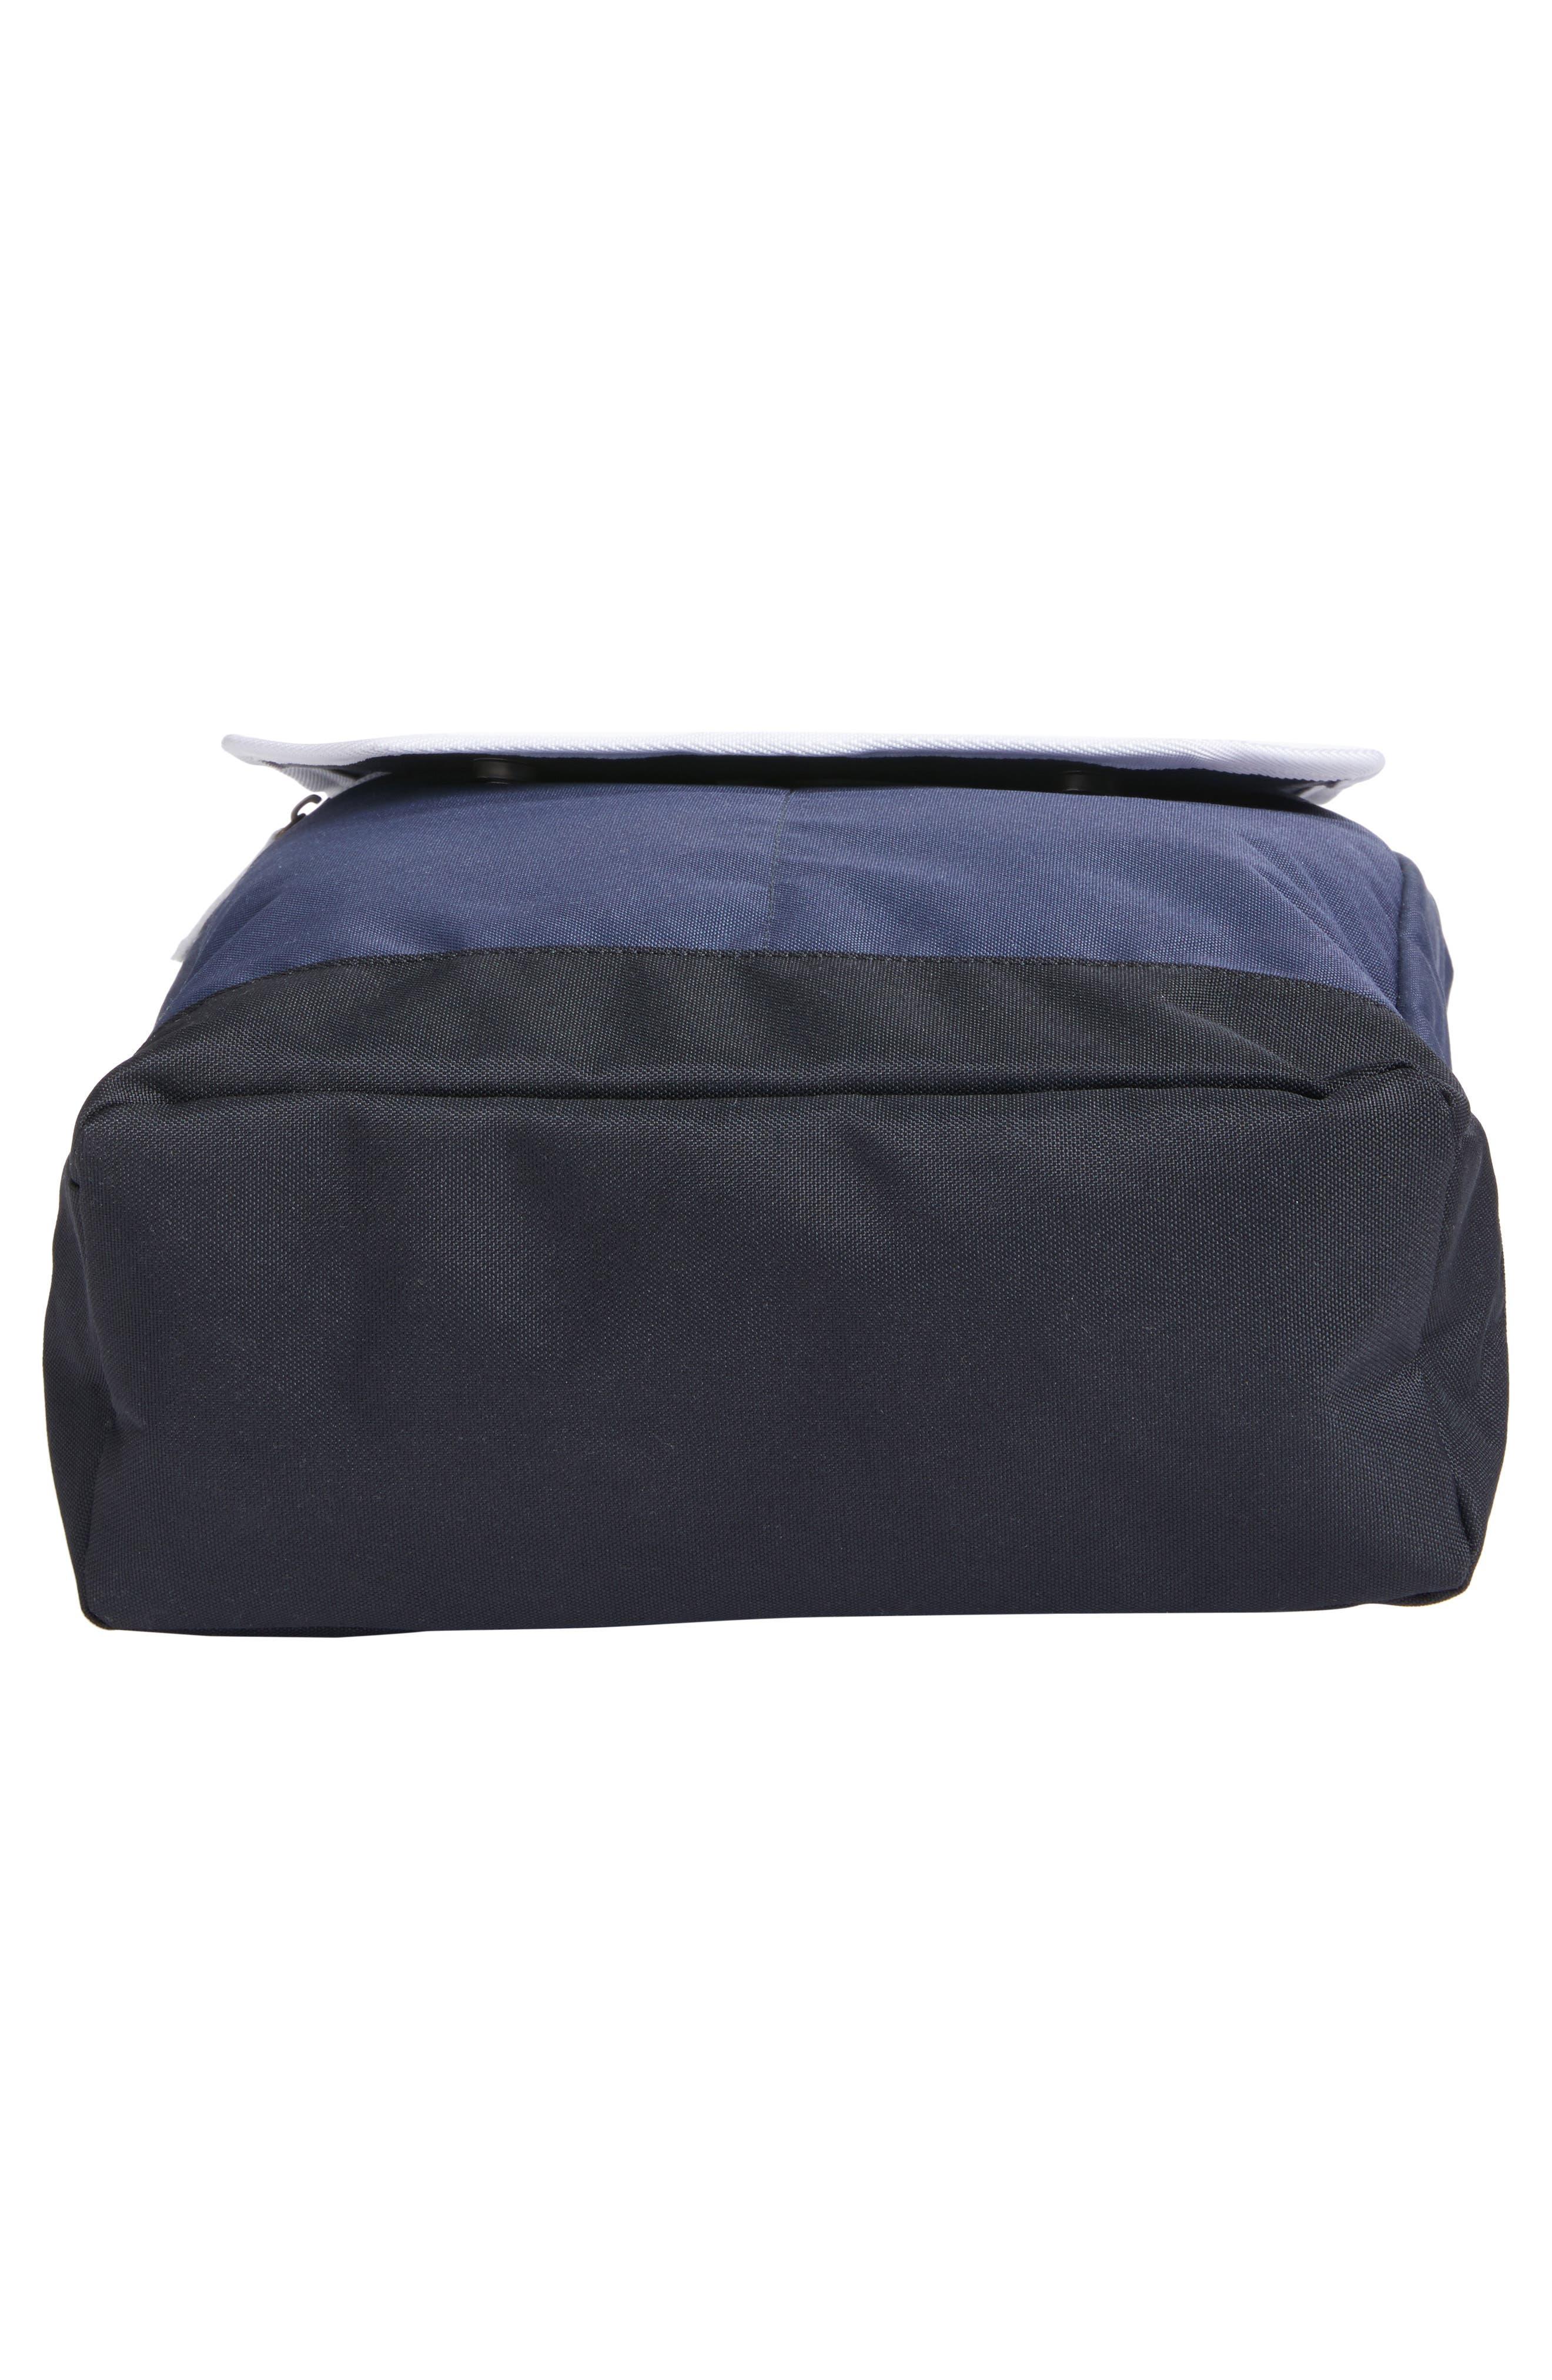 Dazed Backpack,                             Alternate thumbnail 6, color,                             466